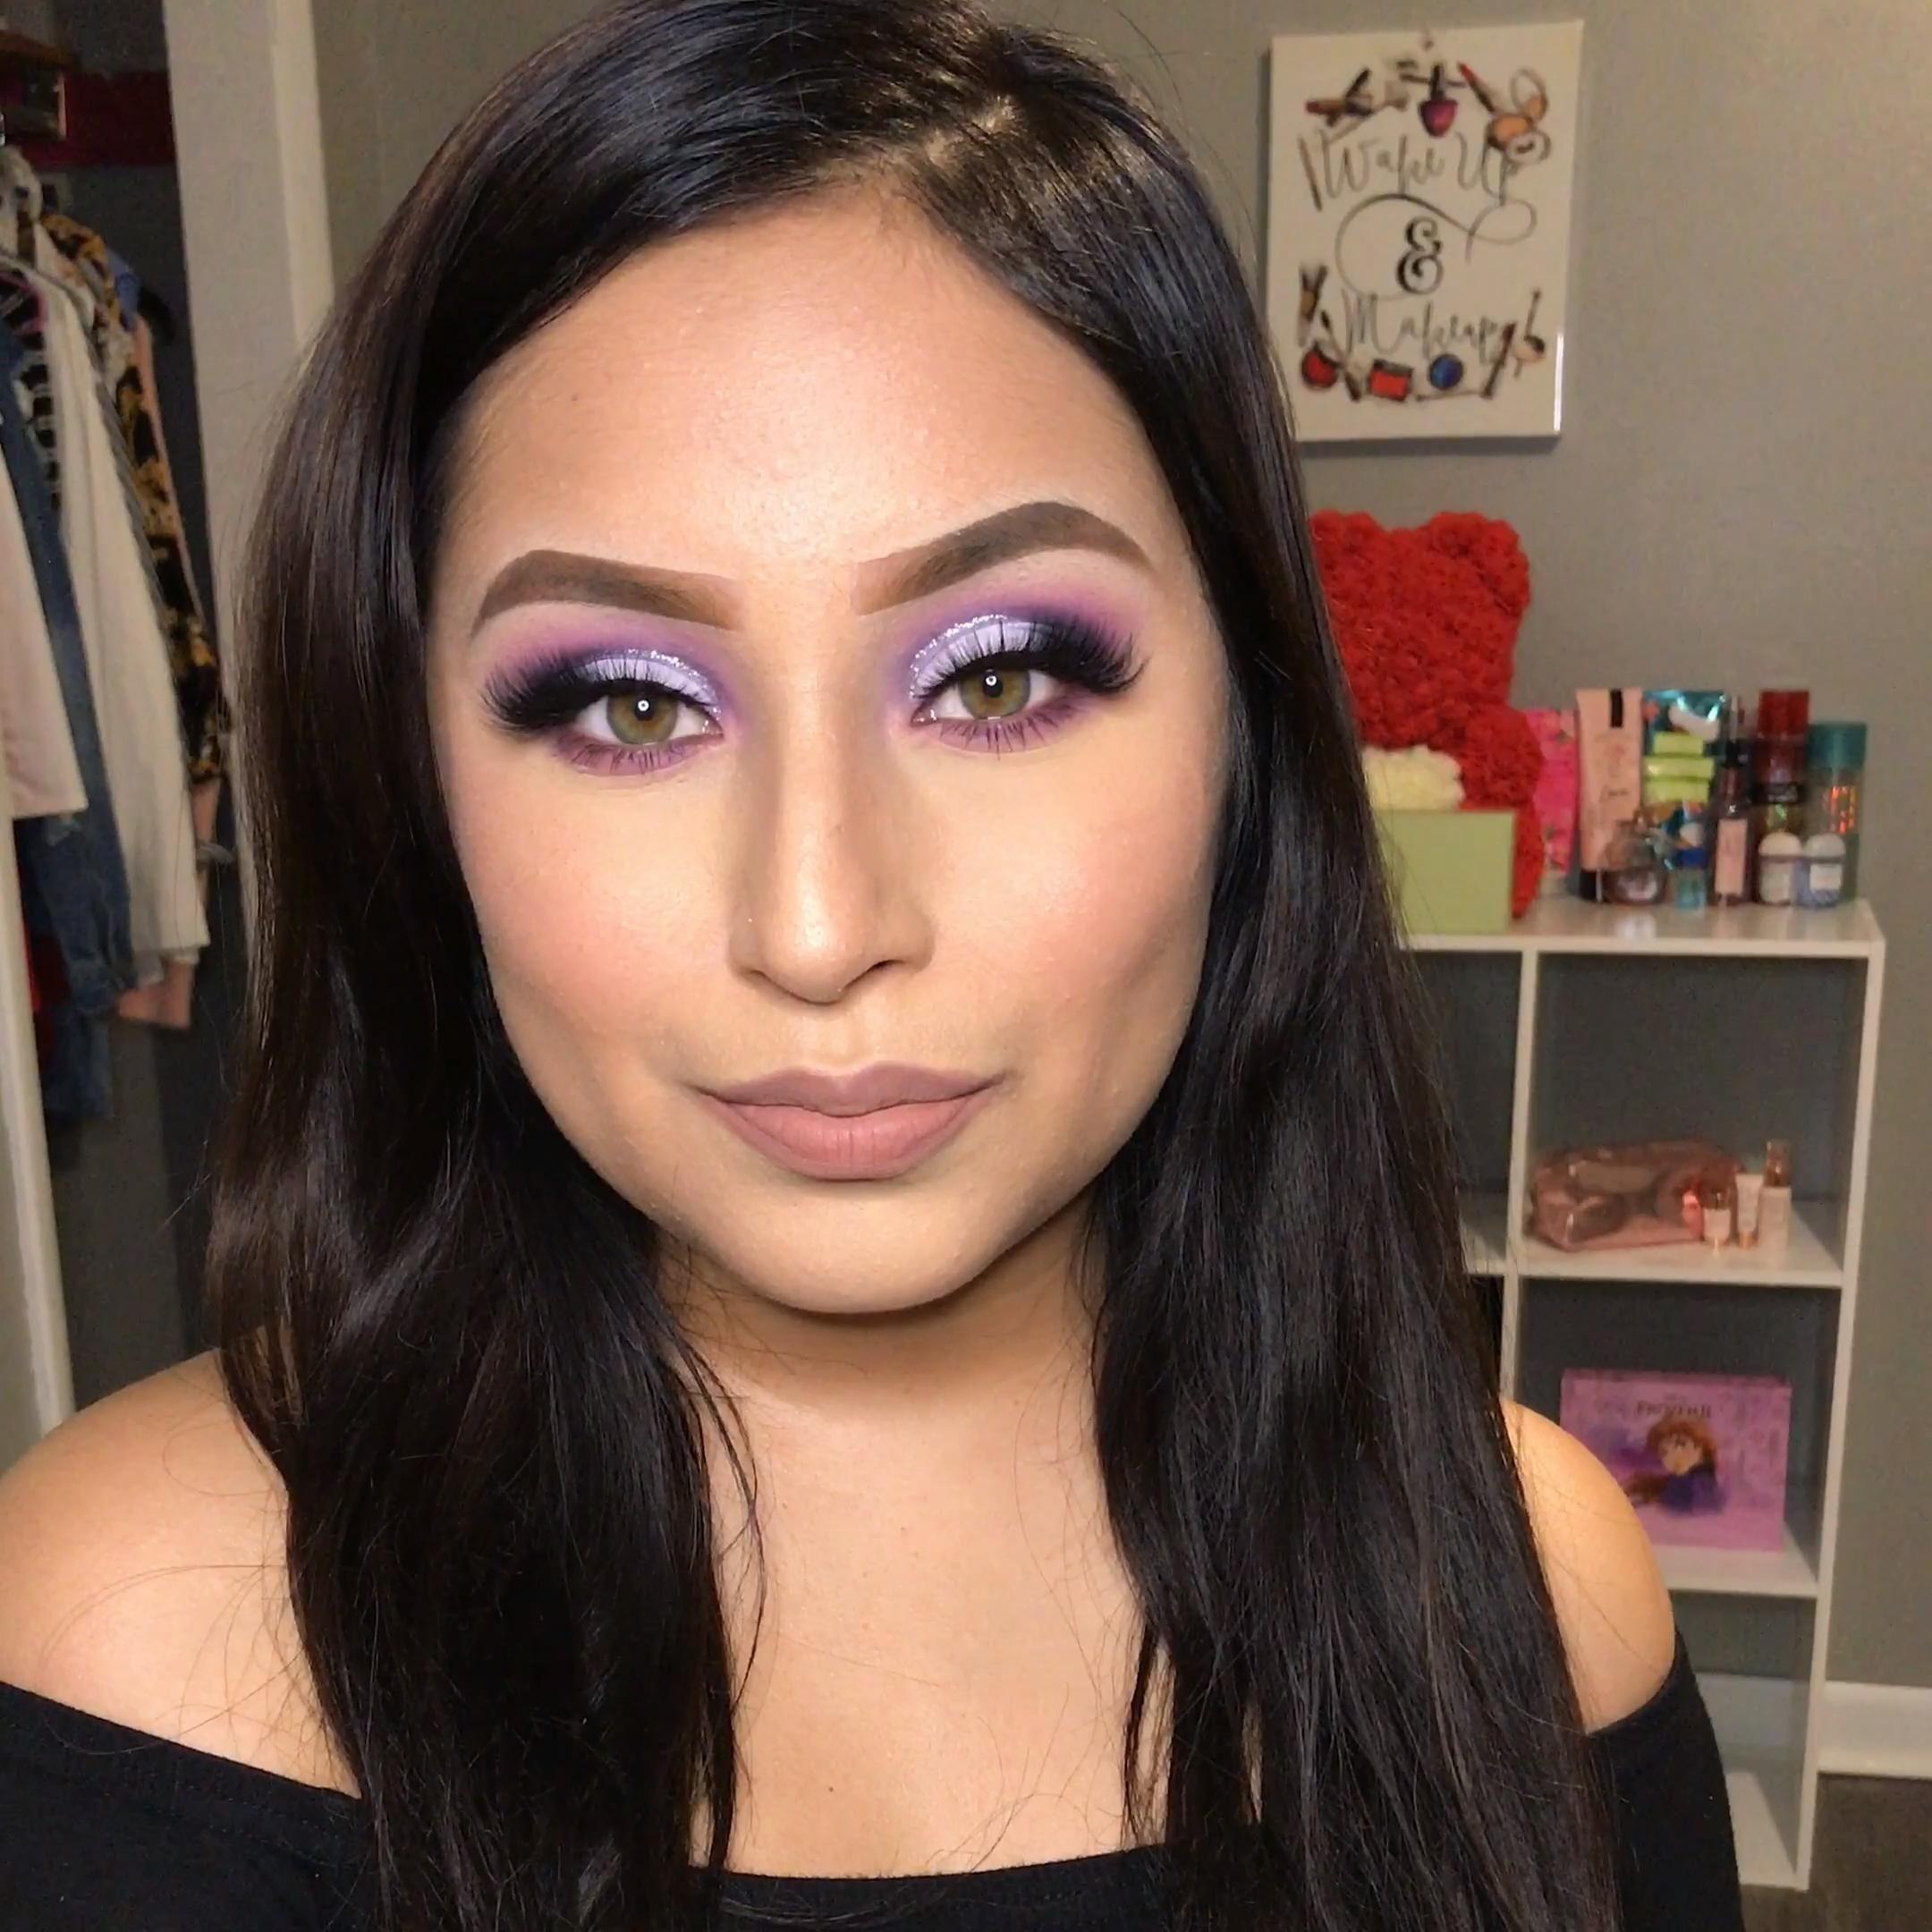 Pin on colorful eye makeup